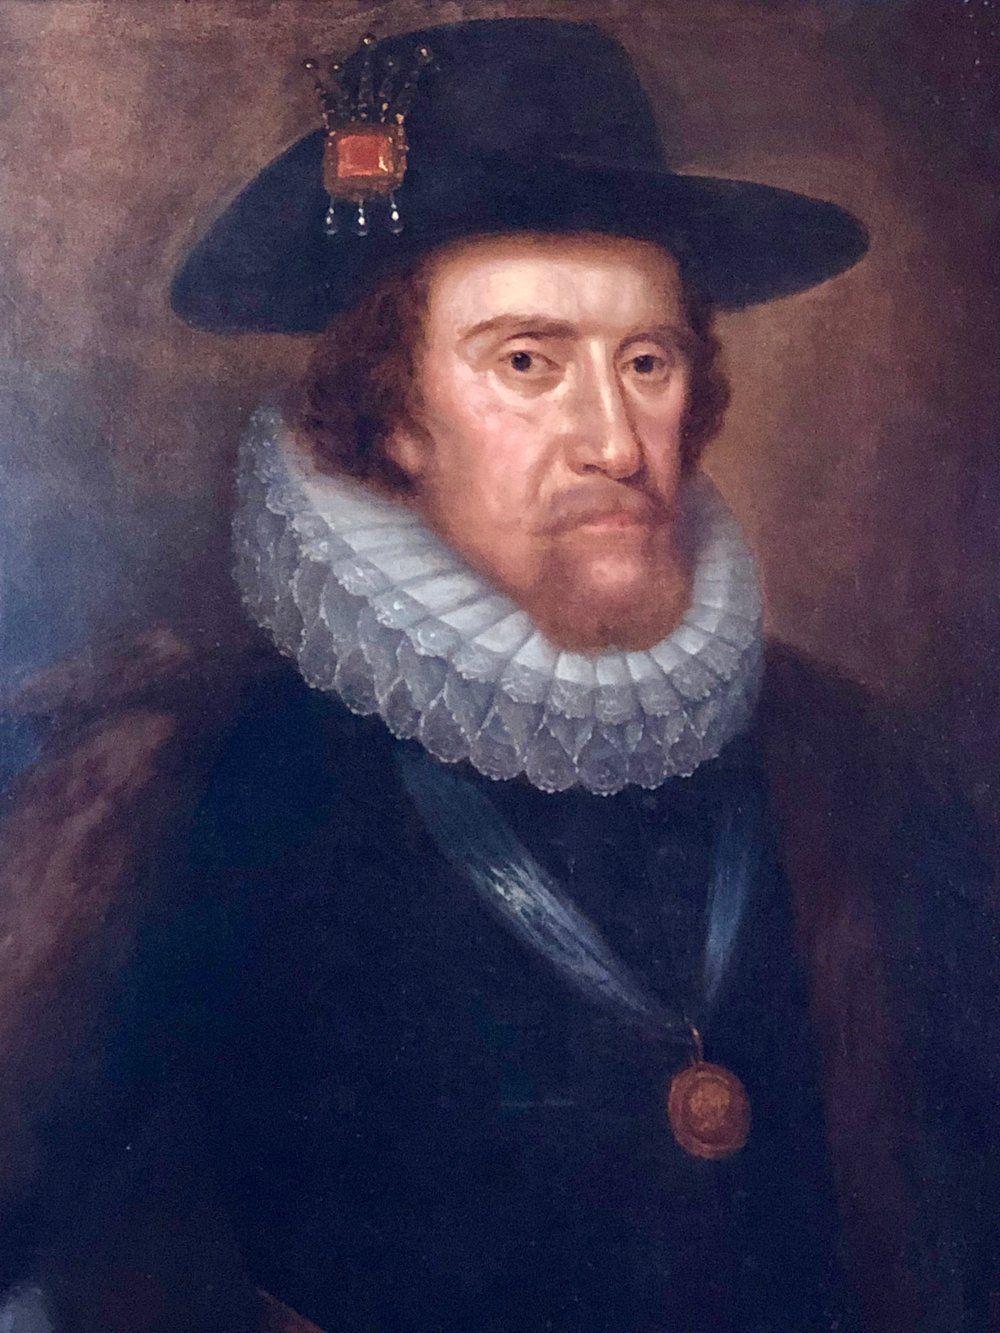 King James I of England and VI of Scotland NPG 1188